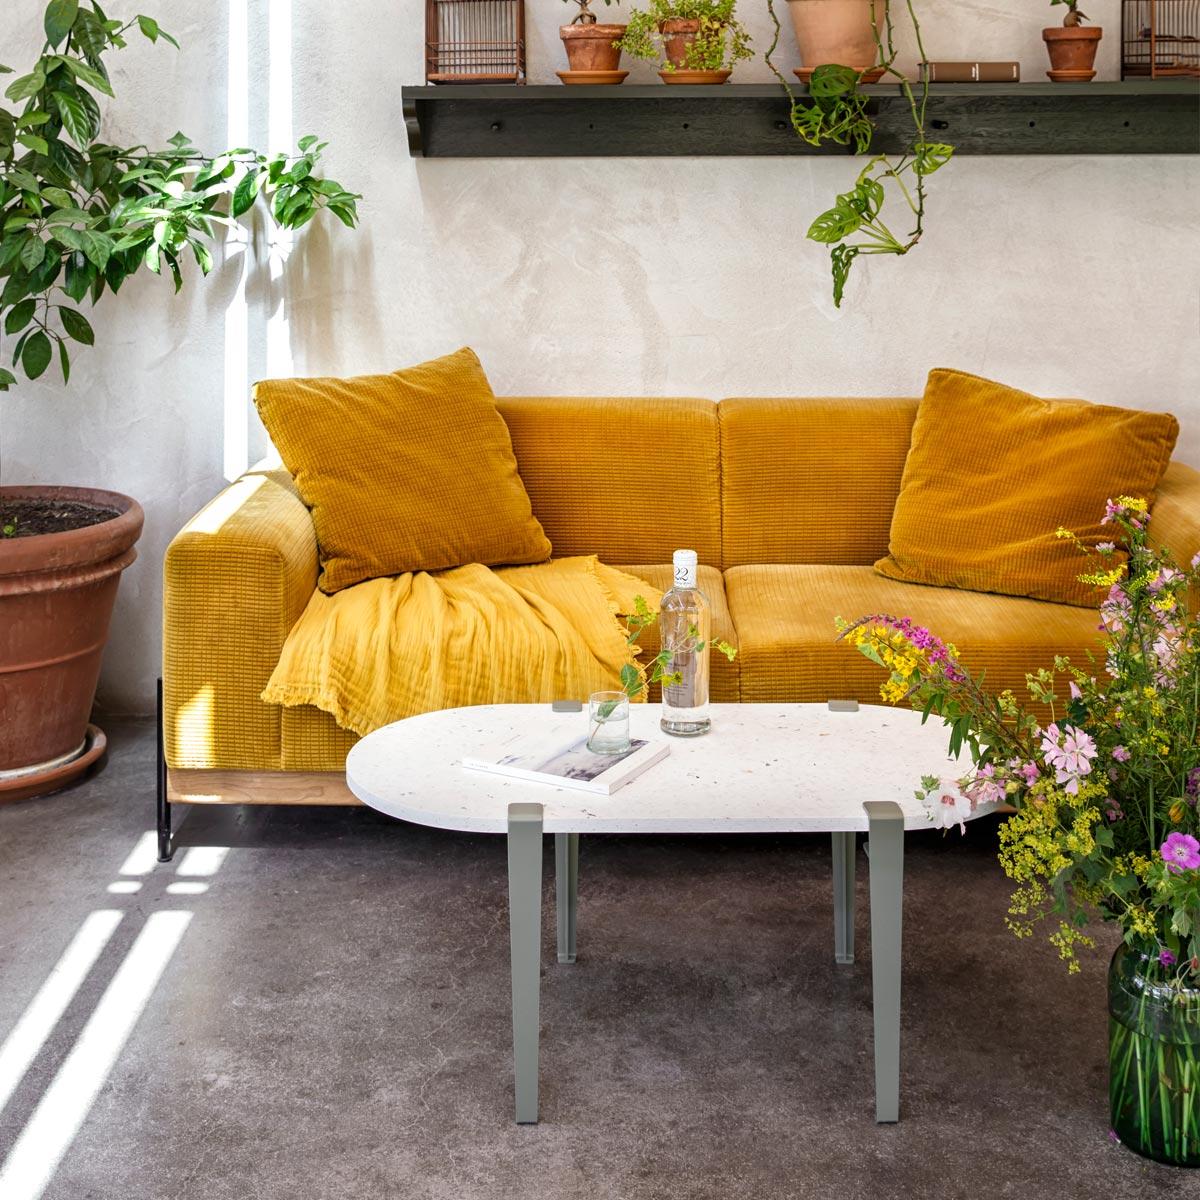 - Rikiki. Grafik & Produkt Coffee Table And Bench Leg – 43 Cm